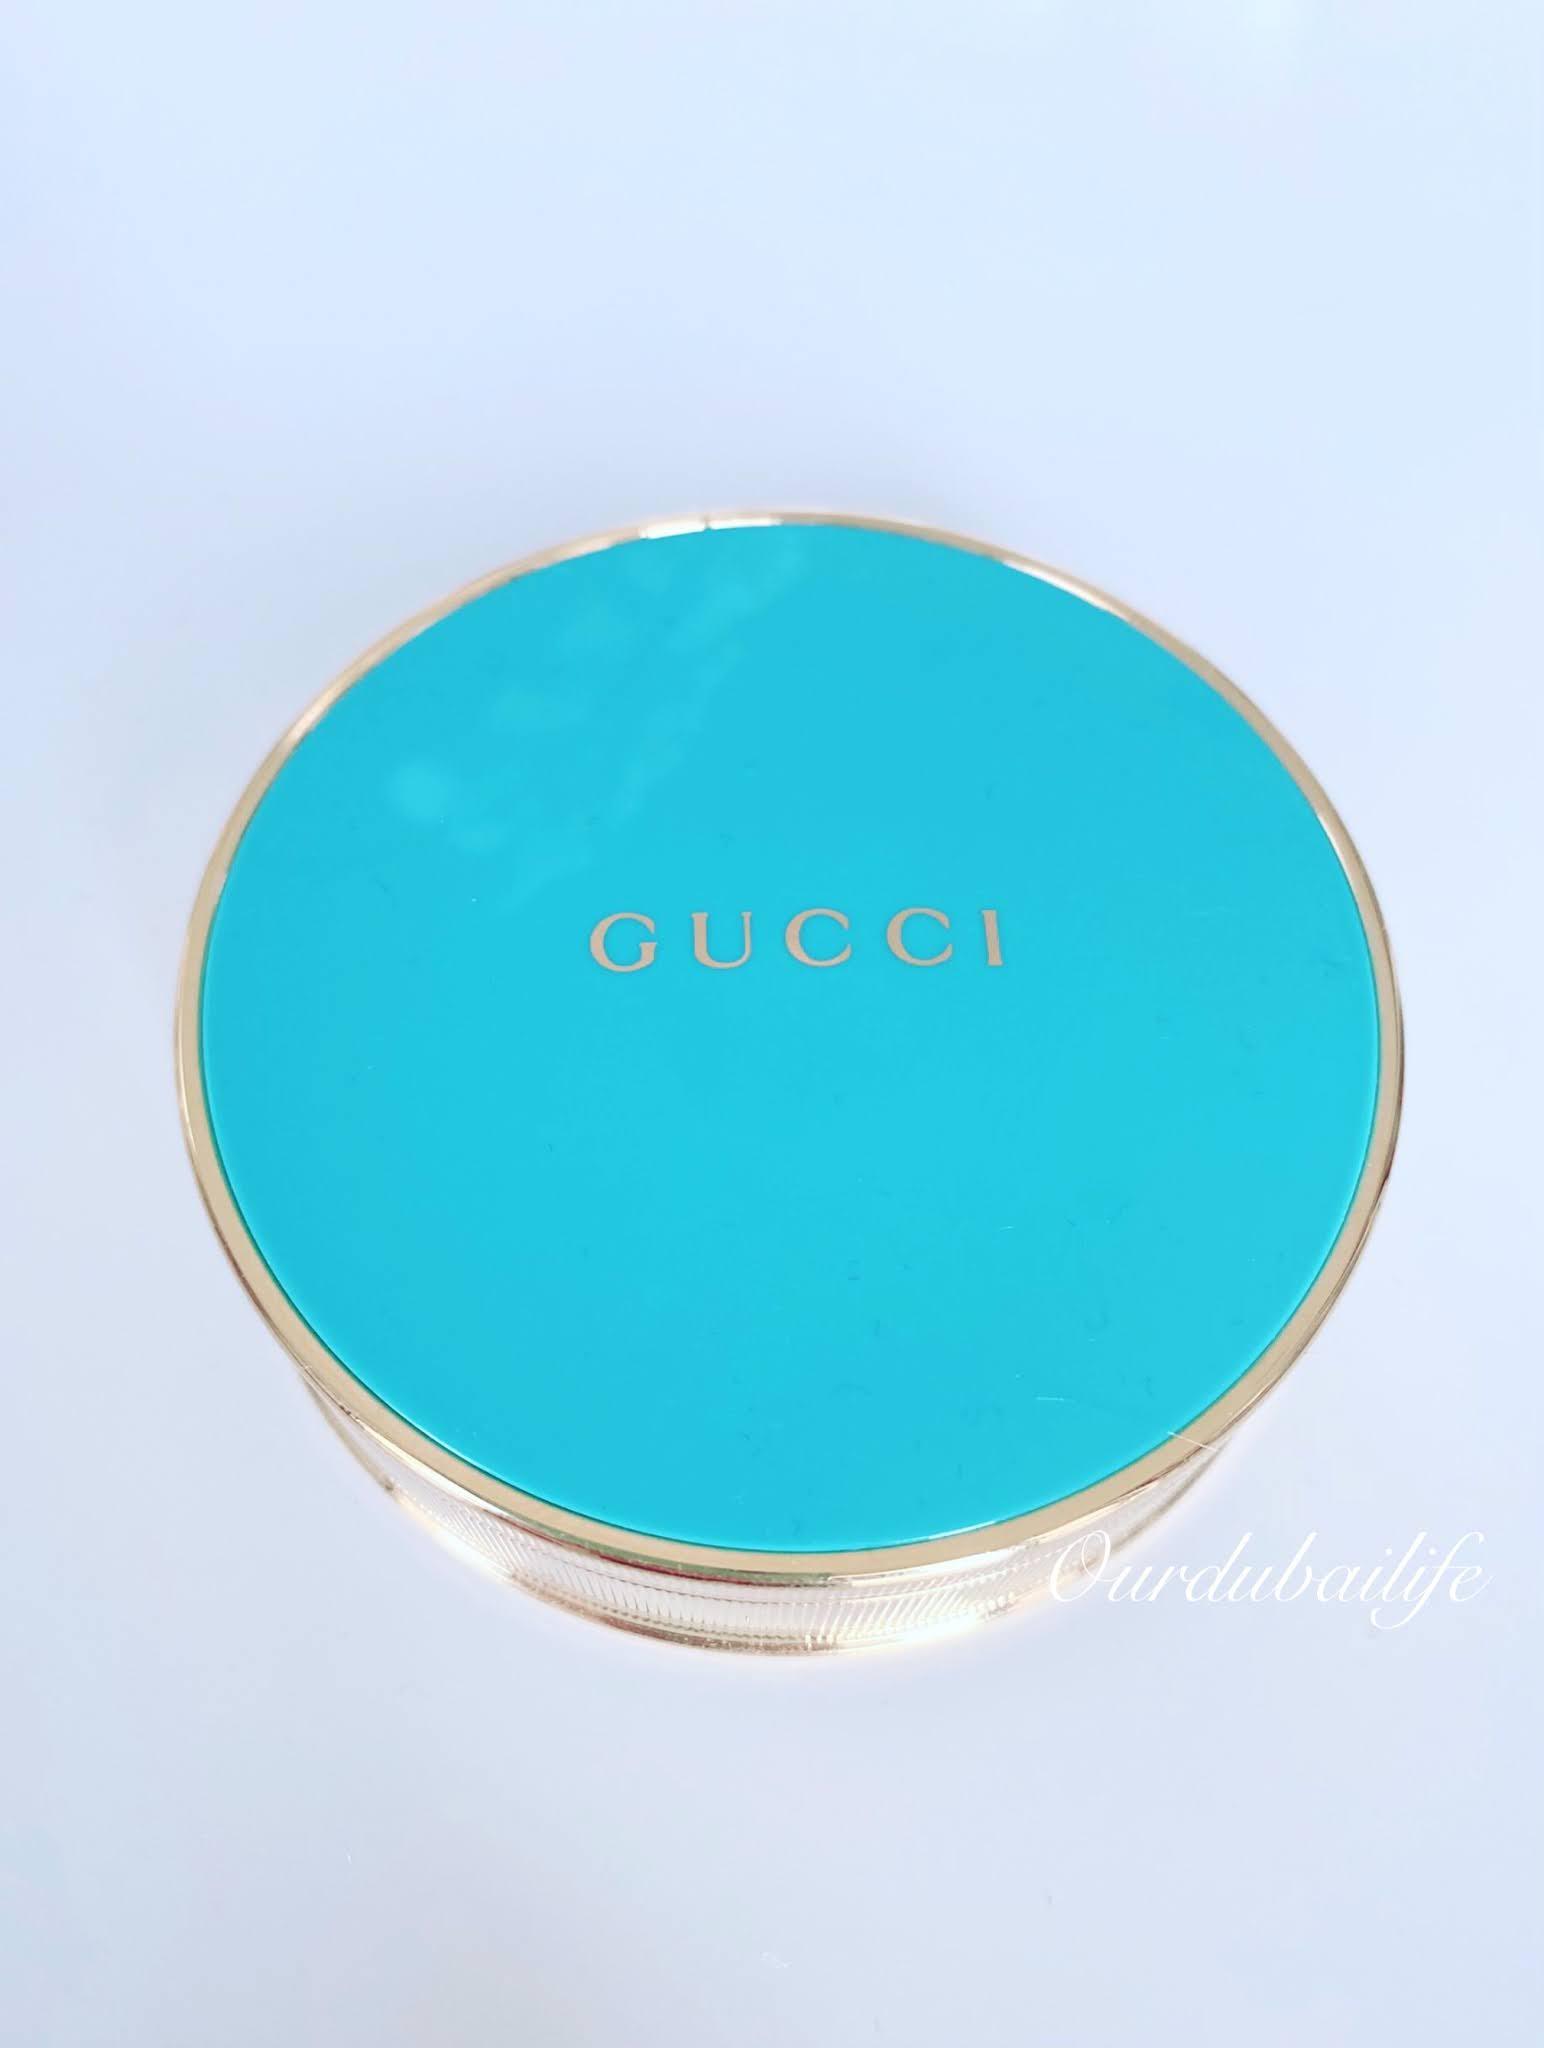 Gucci turquoise bronzer. Poudre De Beauté Éclat Soleil Powder.